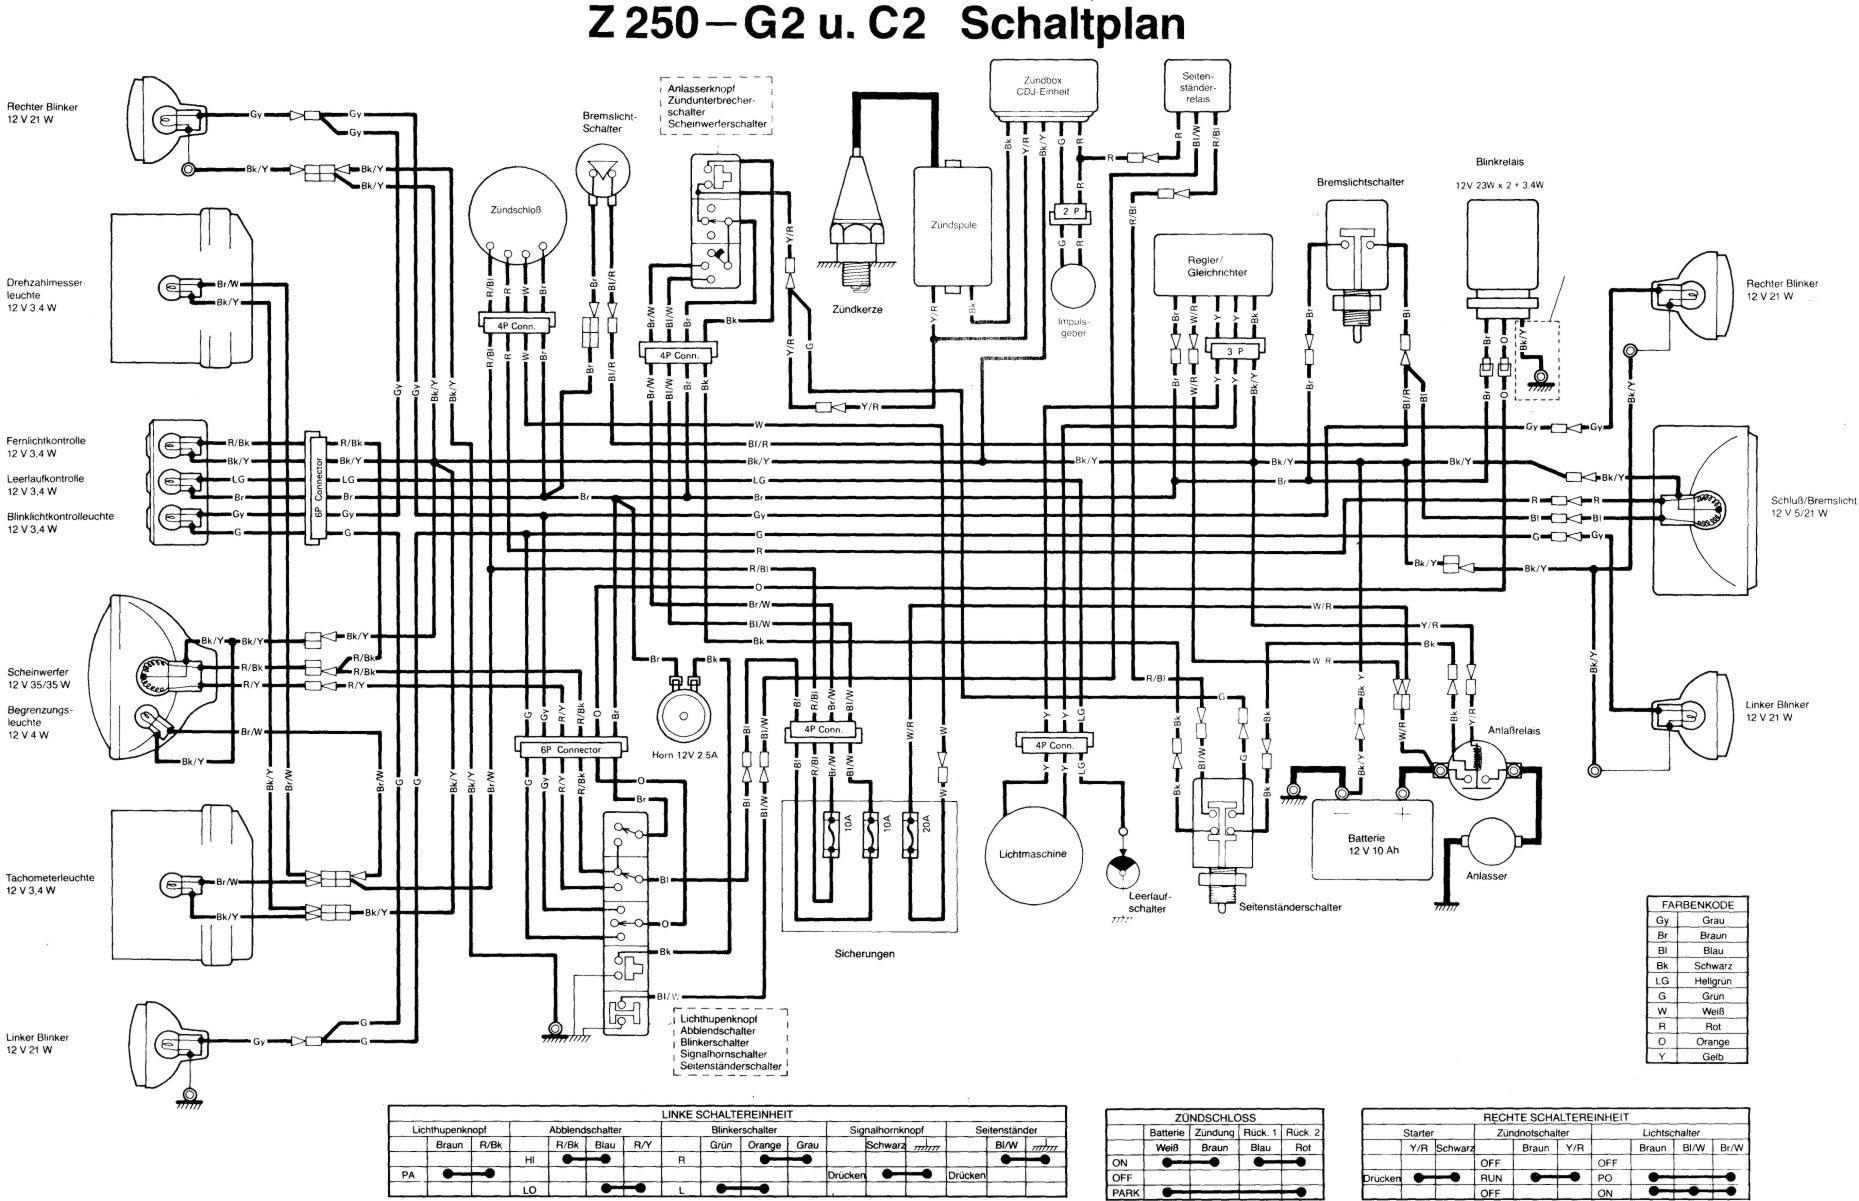 Kawasaki Z250 Wiring Diagram Infrared Wire Diagram Vww 69 Ab12 Jeanjaures37 Fr